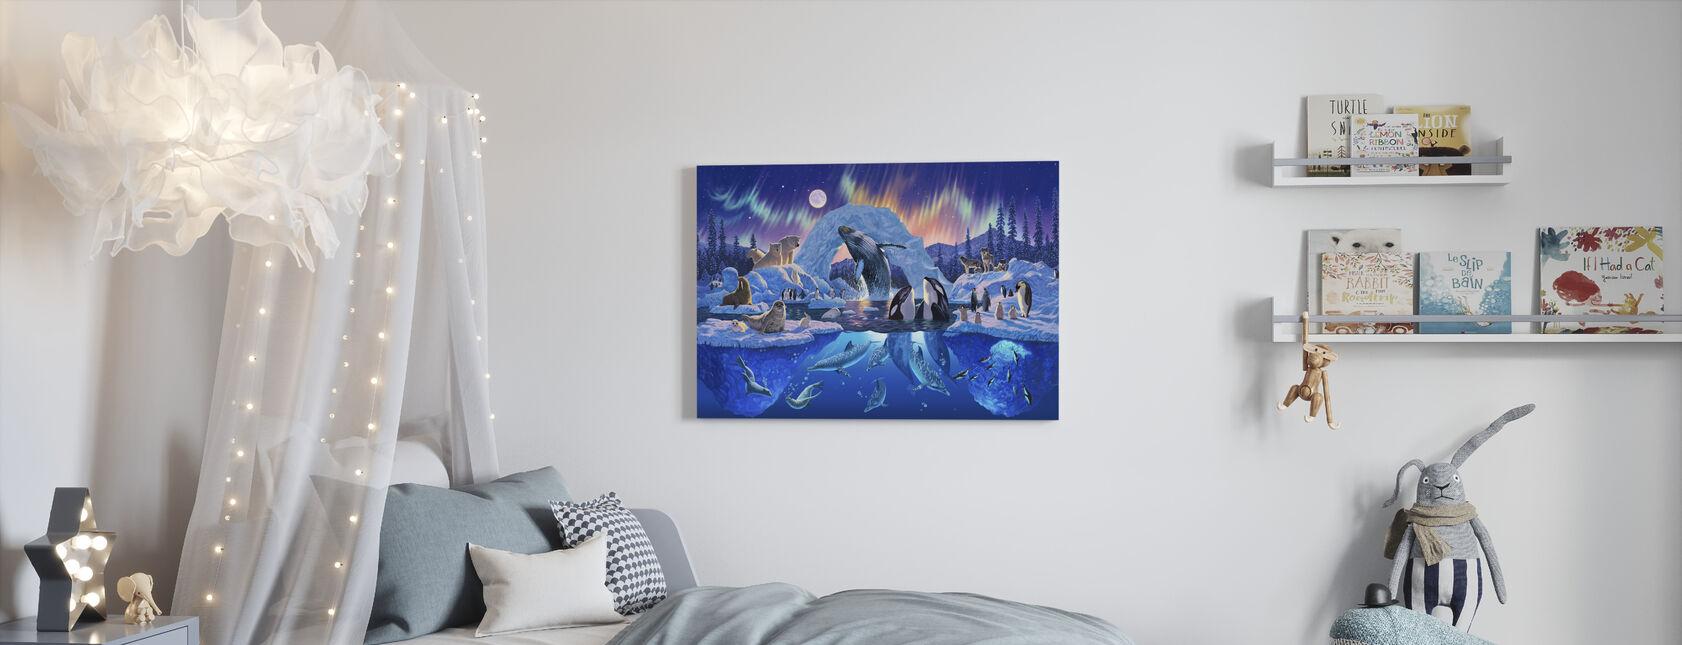 Arctische harmonie - Canvas print - Kinderkamer